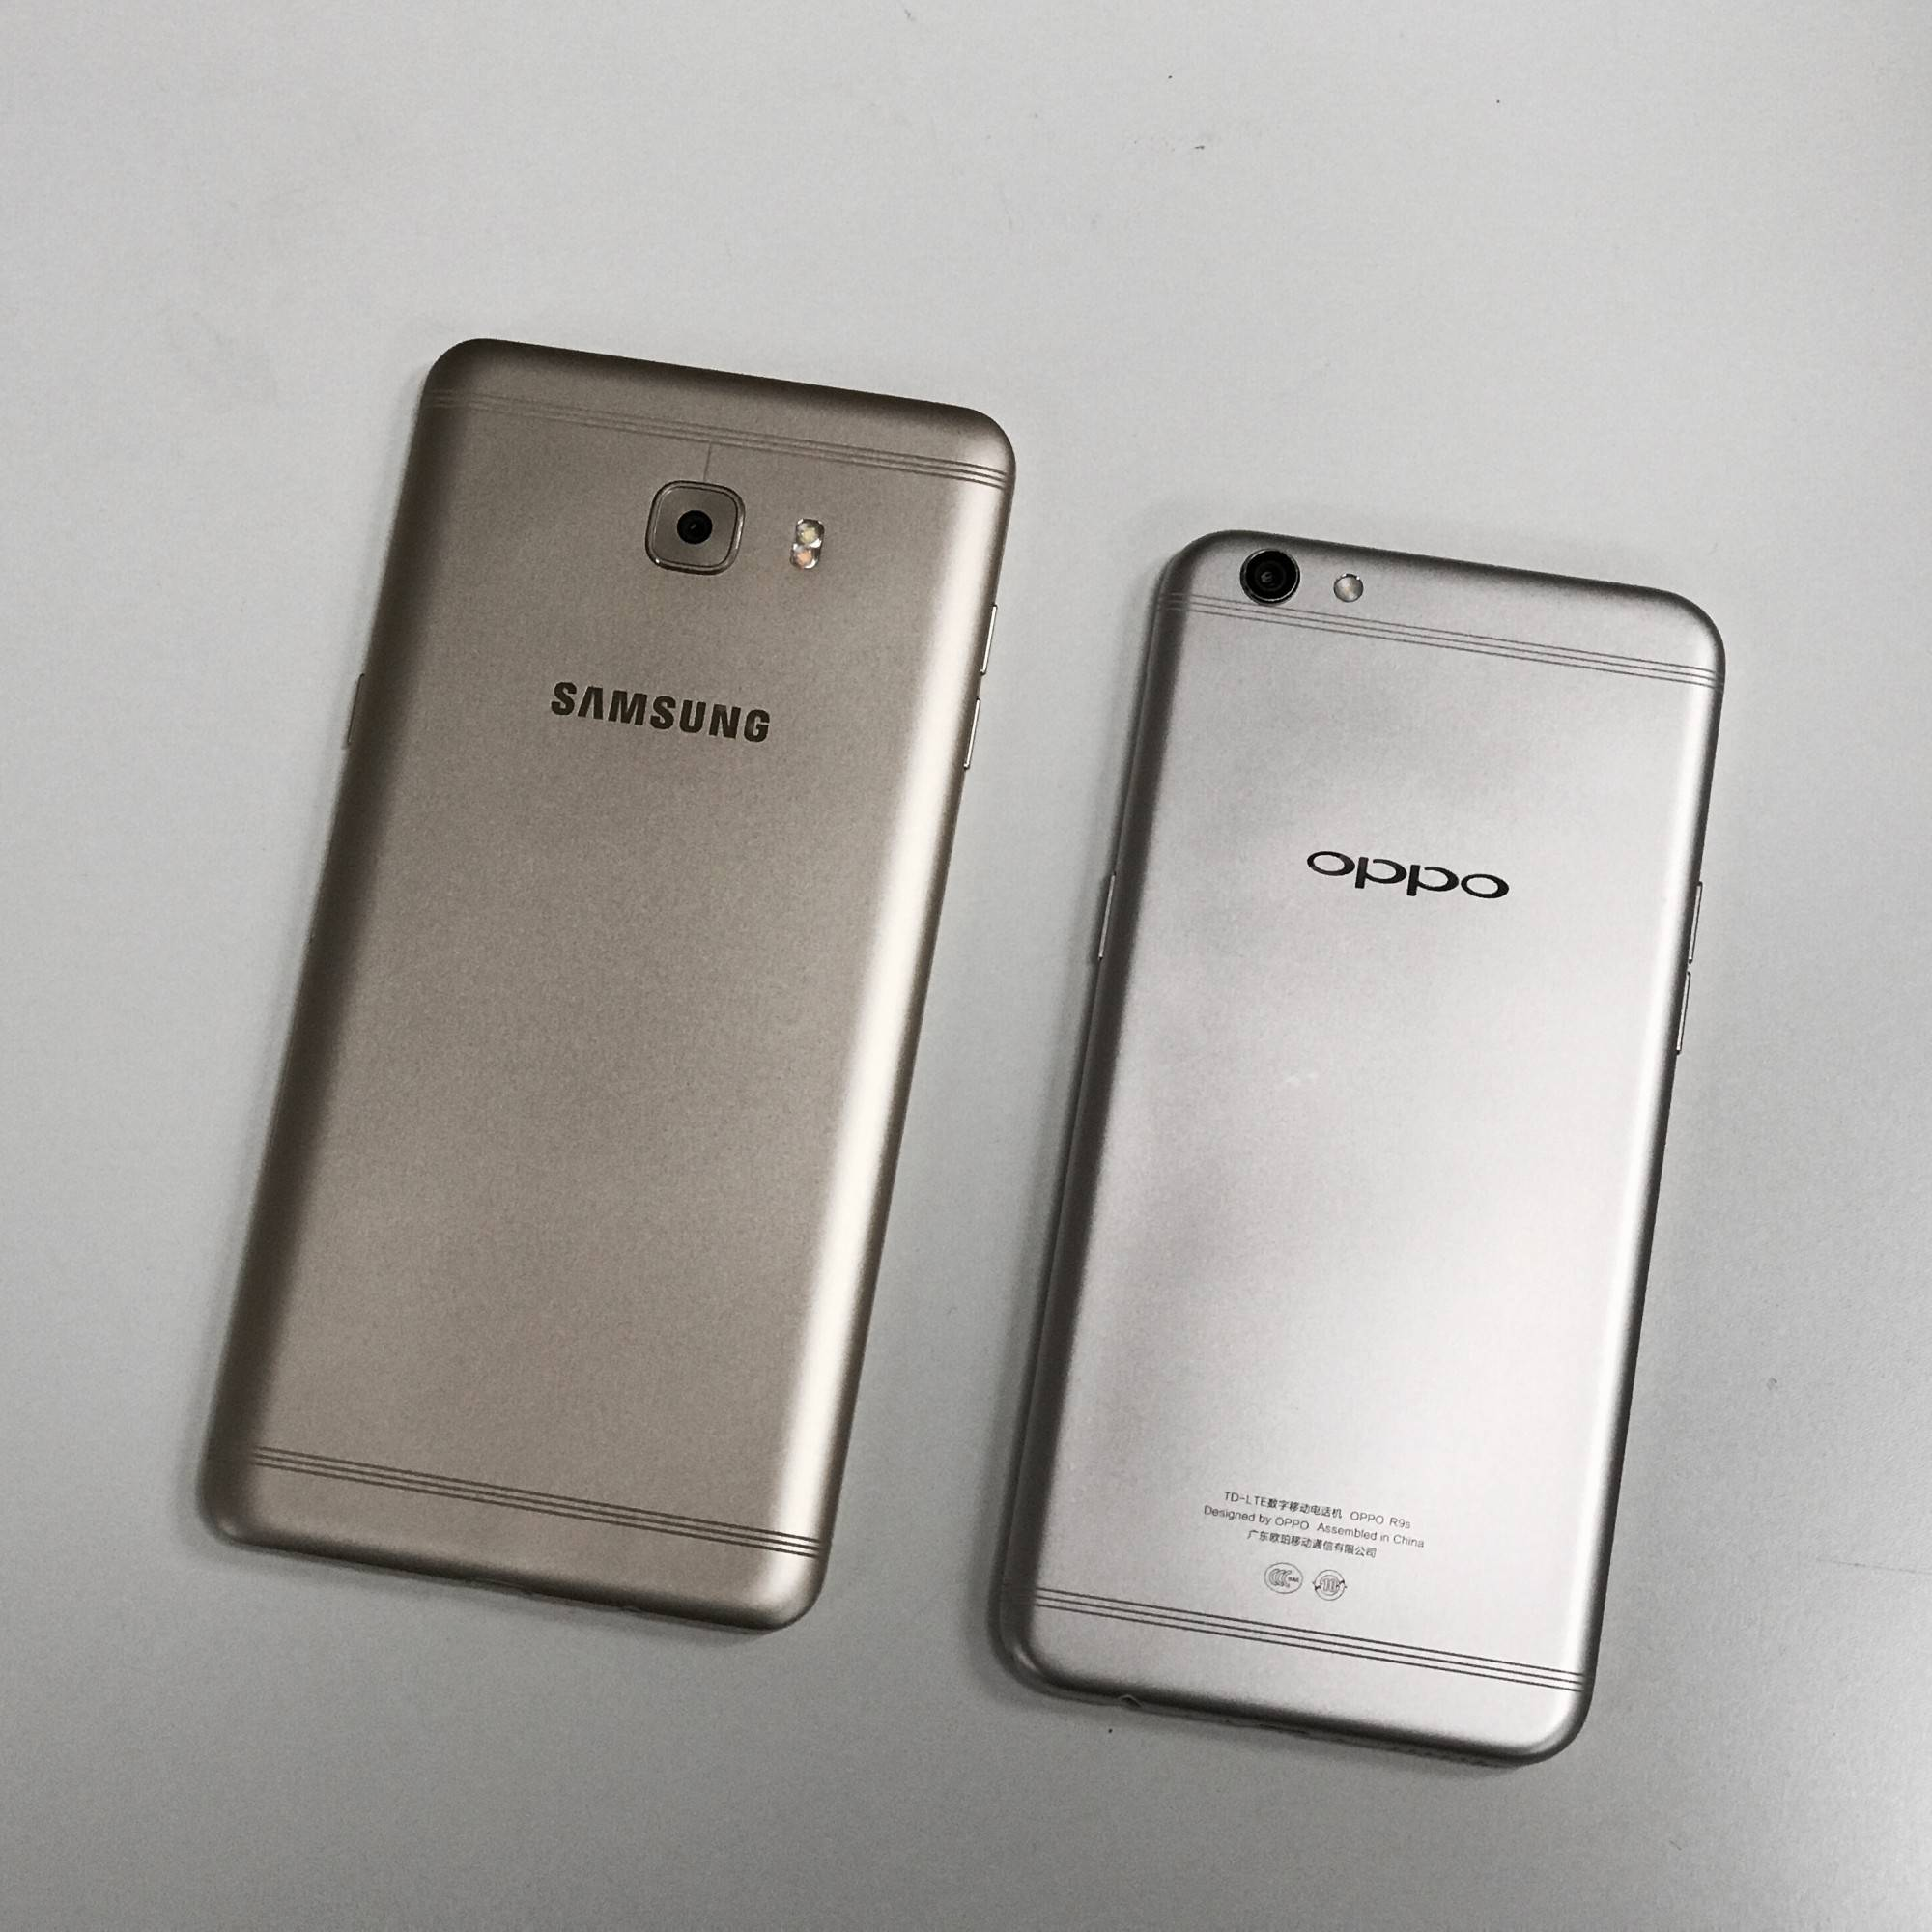 左为三星 C9 Pro,右为 OPPO R9s。